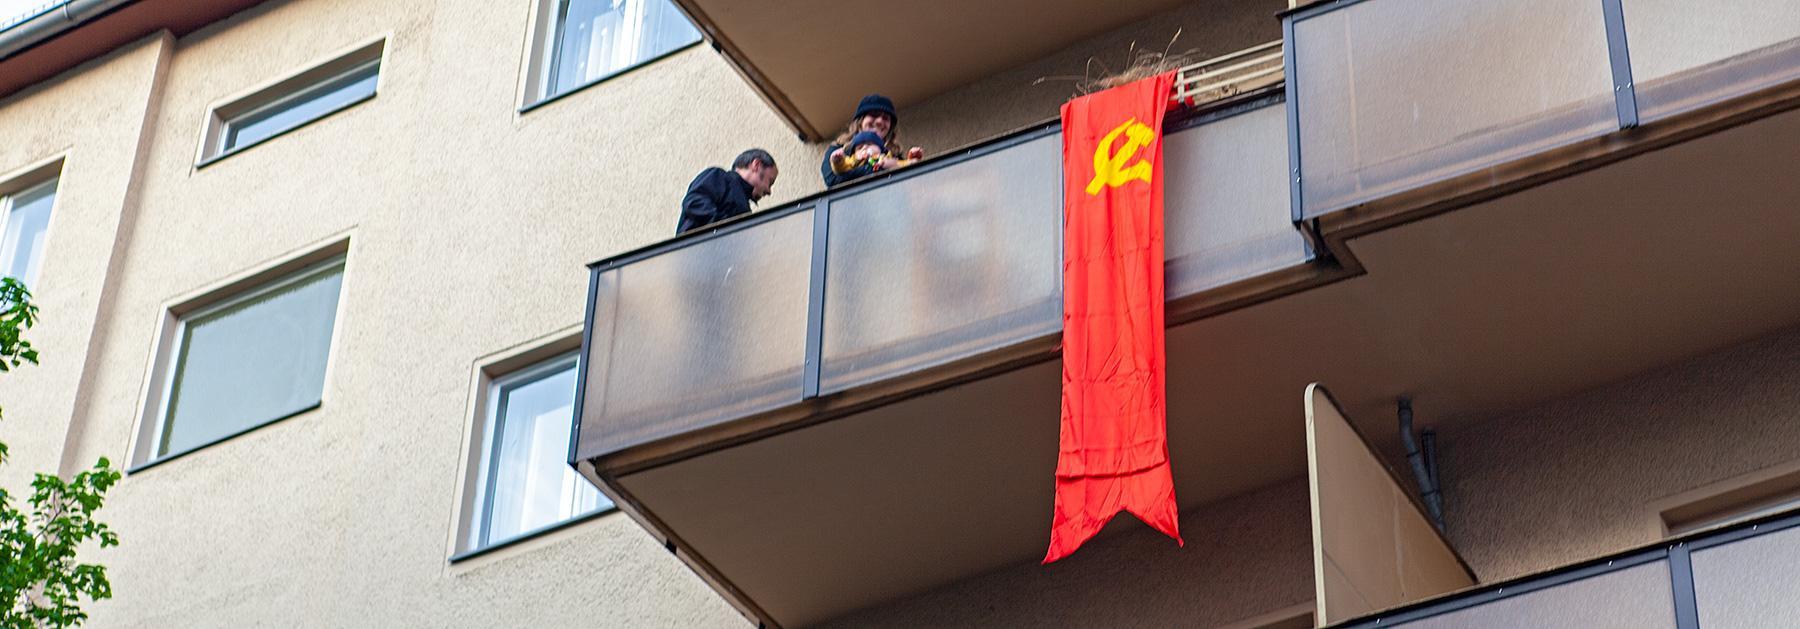 Menschen auf dem Balkon mit sozialistischer Flaggeim Beitrag Berlin, 1. Mai